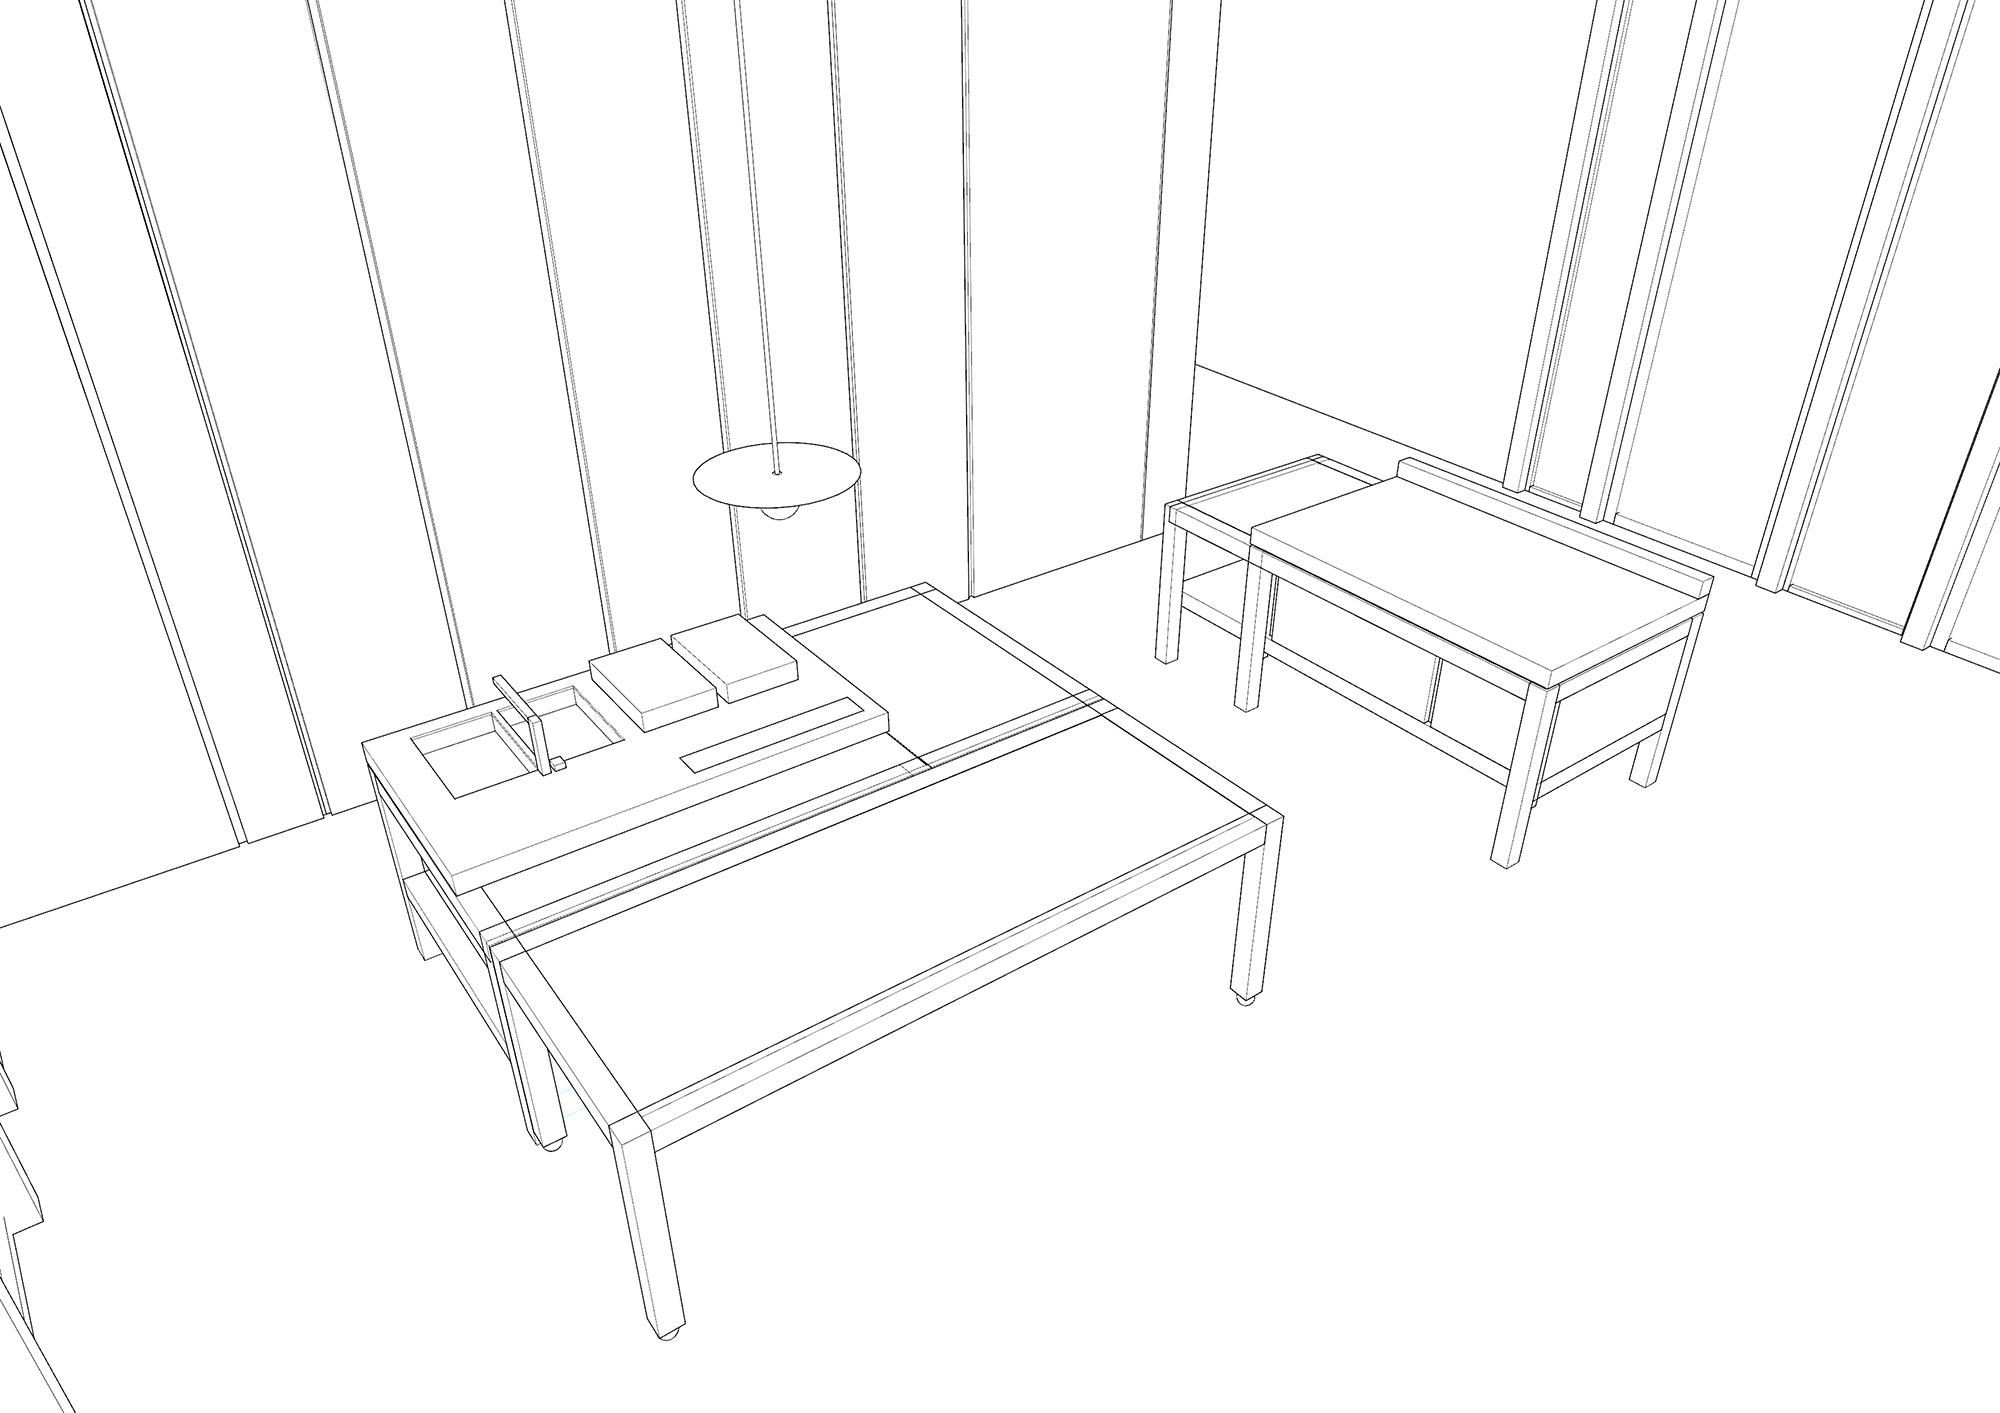 schema tridimensionale simone subissati architects